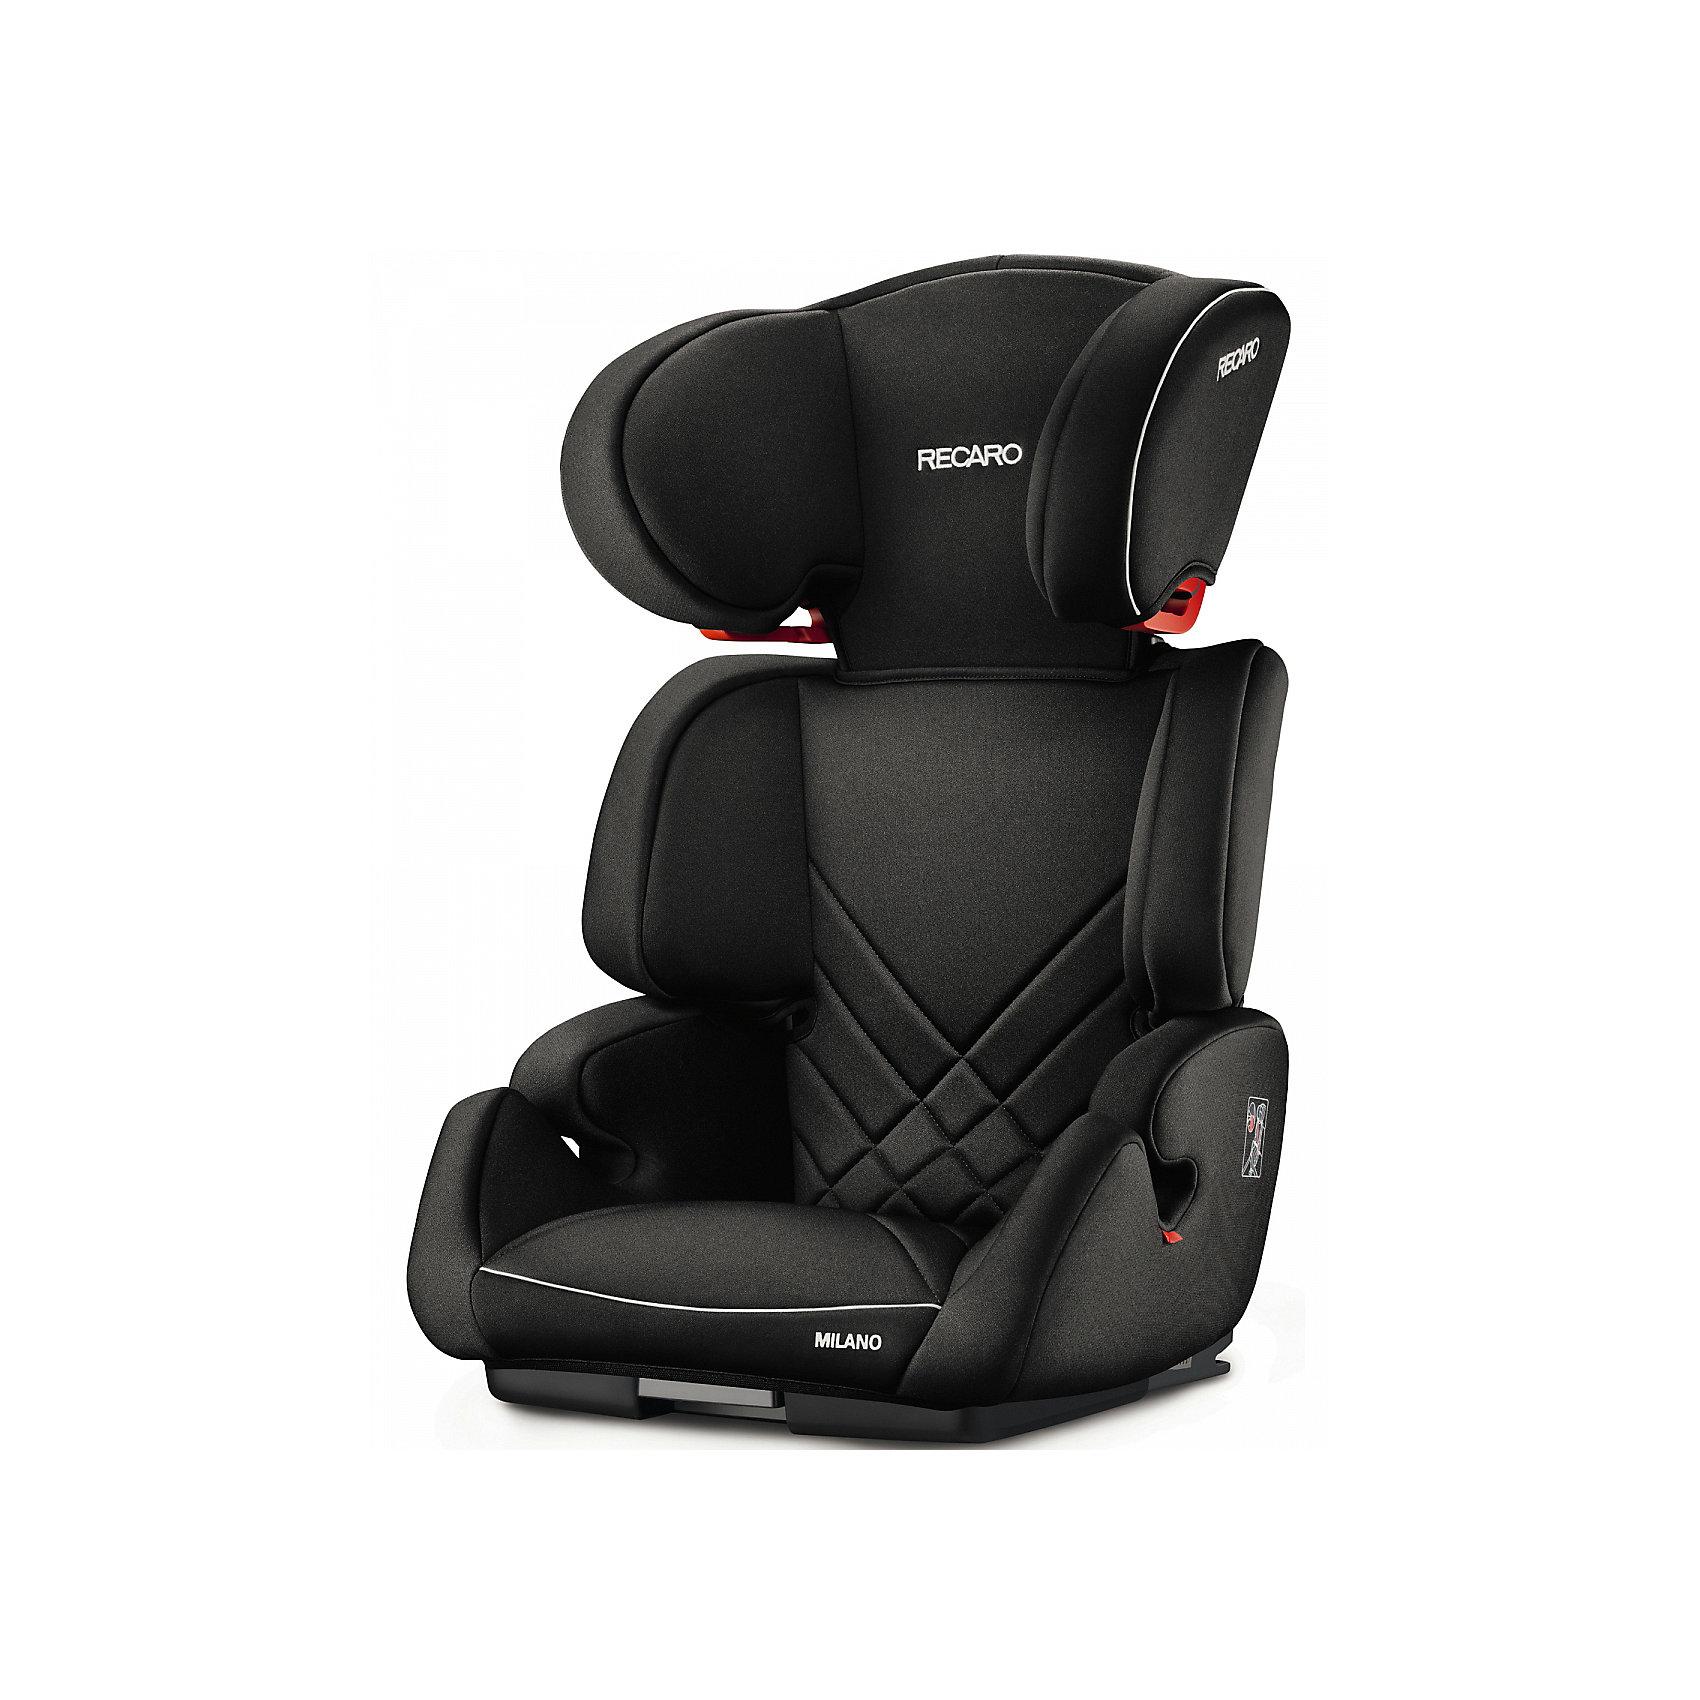 Автокресло Milano Seatfix 15-36 кг., Recaro, Performance BlackХарактеристики:<br><br>• группа автокресла: 2/3;<br>• вес ребенка: 15-36 кг;<br>• возраст ребенка: от 3 до 12 лет;<br>• рост ребенка: от 95 до 150 см;<br>• способ крепления: встроенная система IsoFix;<br>• способ установки: лицом по ходу движения автомобиля;<br>• регулируется высота подголовника: 6 положений;<br>• циркуляция воздуха внутри автокресла;<br>• наличие подлокотников;<br>• усиленная боковая защита;<br>• материал: пластик, полиэстер.<br><br>Размеры:<br><br>• размер автокресла: 61х50х45 см;<br>• высота спинки автокресла: 55/67 см;<br>• ширина сиденья: 29 см;<br>• глубина сиденья: 29 см;<br>• ширина подголовника: 20 см;<br>• вес: 6 кг.<br><br>Автокресло Milano Seatfix - продуманный вариант для подросших любителей путешествовать в автомобиле. Автокресло устанавливается на заднем сидении автомобиля с любой стороны. Встроенная система Изофикс позволяет легко и прочно устанавливать автокресло в салоне автомобиля. Регулирование высоты подголовника дает возможность настроить удобное положение в зависимости от того, как ребенок растет. Съемные чехлы можно стирать при температуре 30 градусов без отжима. <br><br>Автокресло Milano Seatfix 15-36 кг., Recaro, Performance Black можно купить в нашем интернет-магазине.<br><br>Ширина мм: 610<br>Глубина мм: 500<br>Высота мм: 450<br>Вес г: 6000<br>Возраст от месяцев: 36<br>Возраст до месяцев: 144<br>Пол: Унисекс<br>Возраст: Детский<br>SKU: 5396746